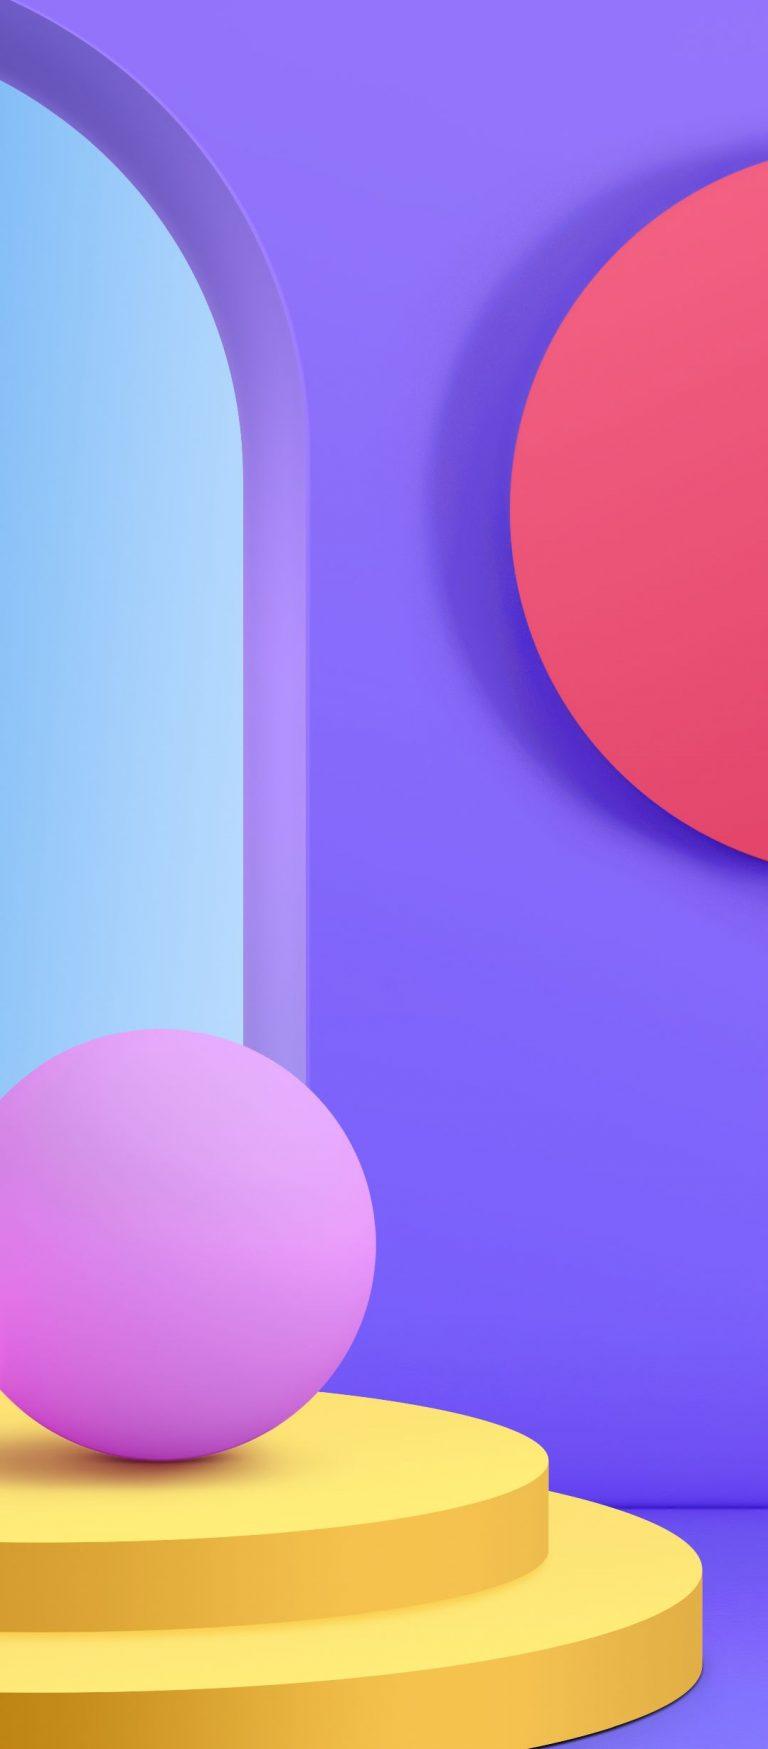 LG Velvet Stock Wallpaper [1080x2460] - 11